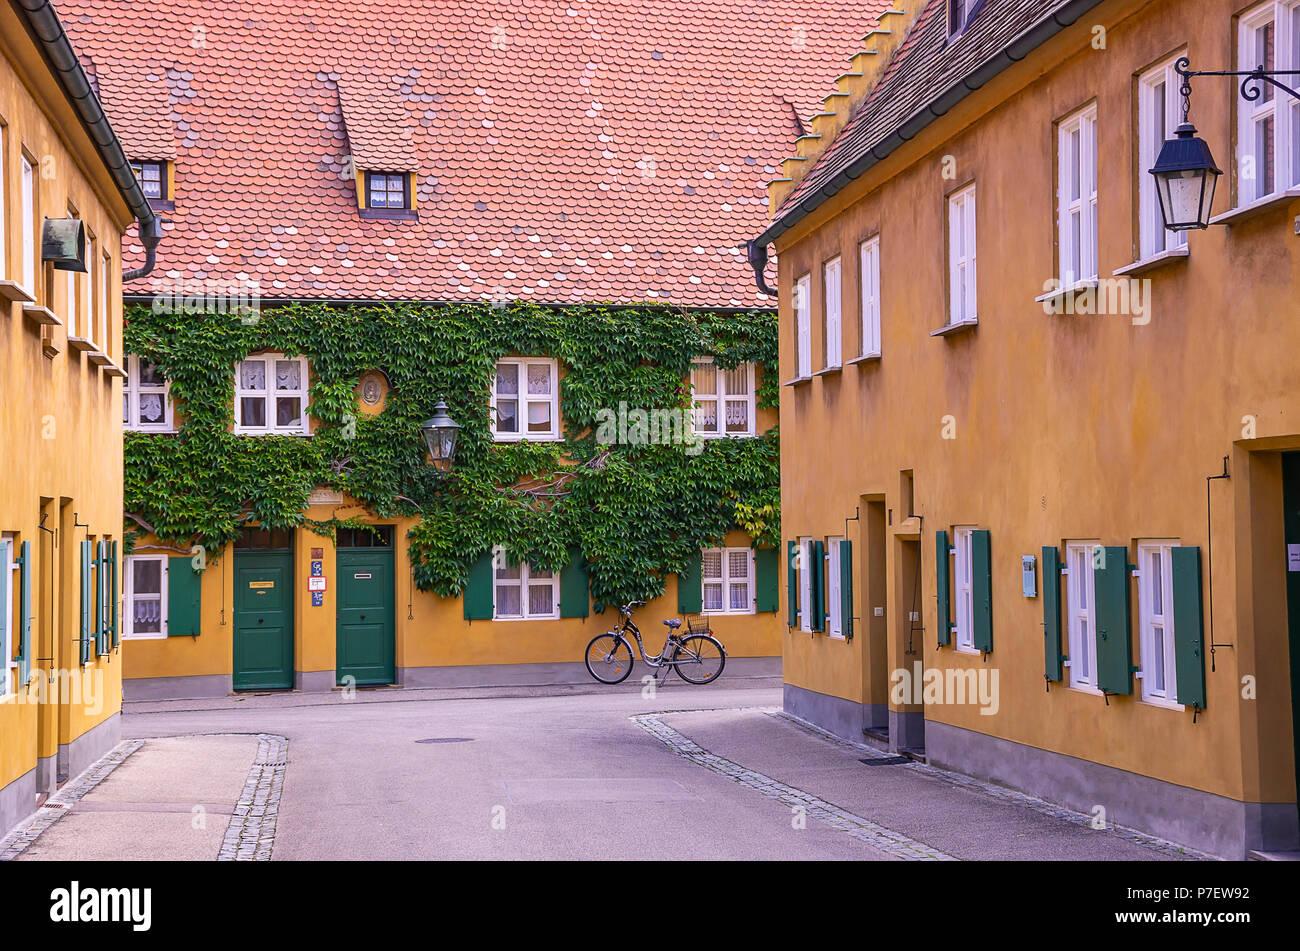 Fuggerei, Augsburg, Bayern, Deutschland - Blick durch eine der Gassen mit den armenhäusern. Stockfoto